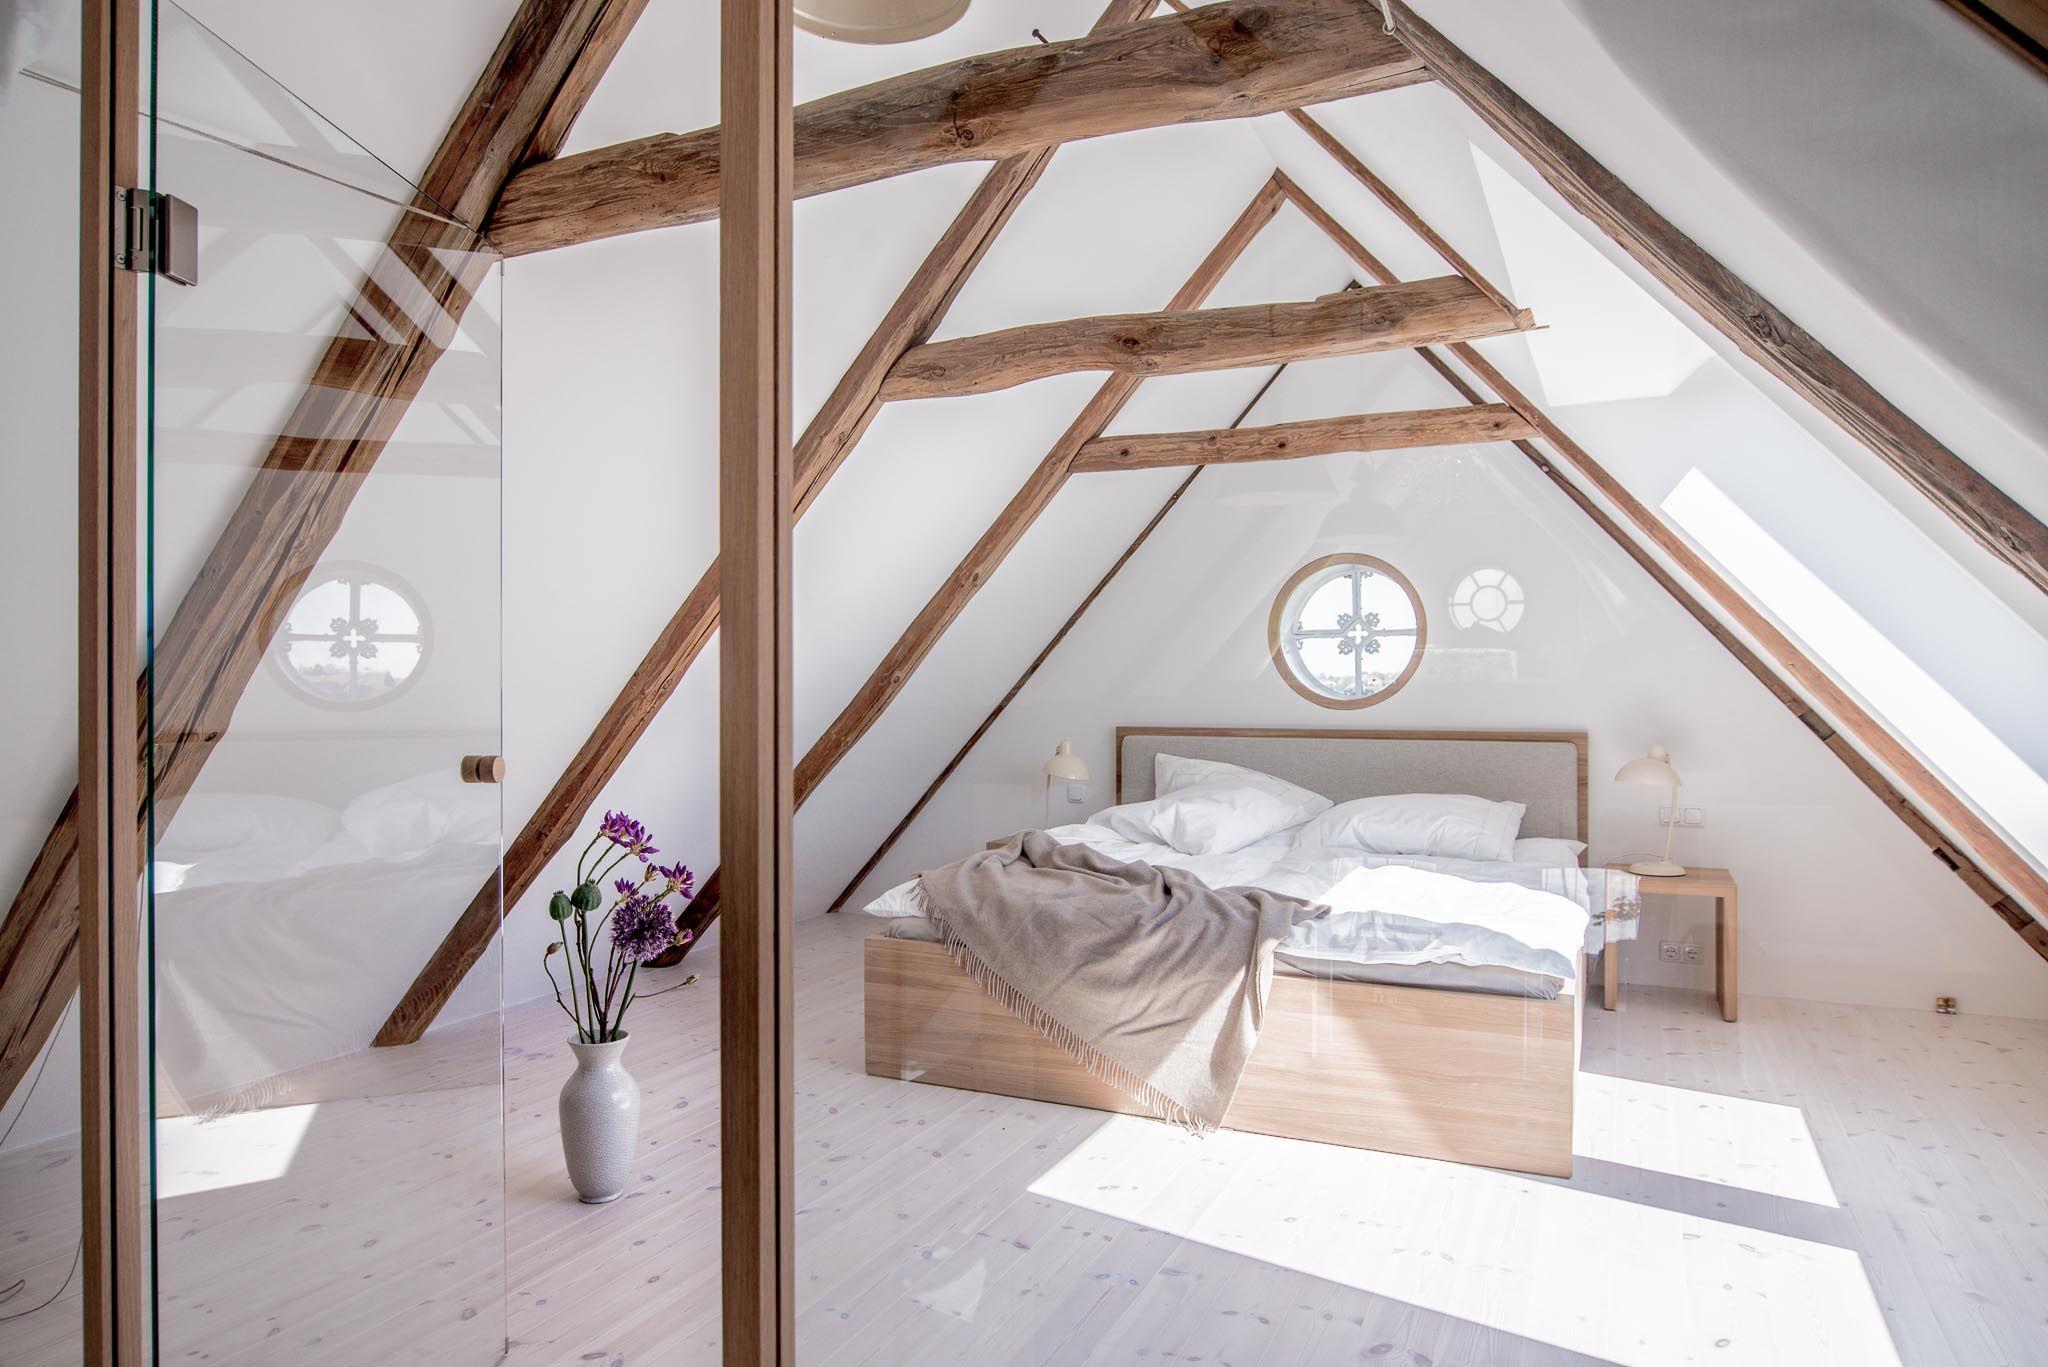 Dachboden Schlafzimmer Ideen Dachboden Ausbauen Vorher Nachher